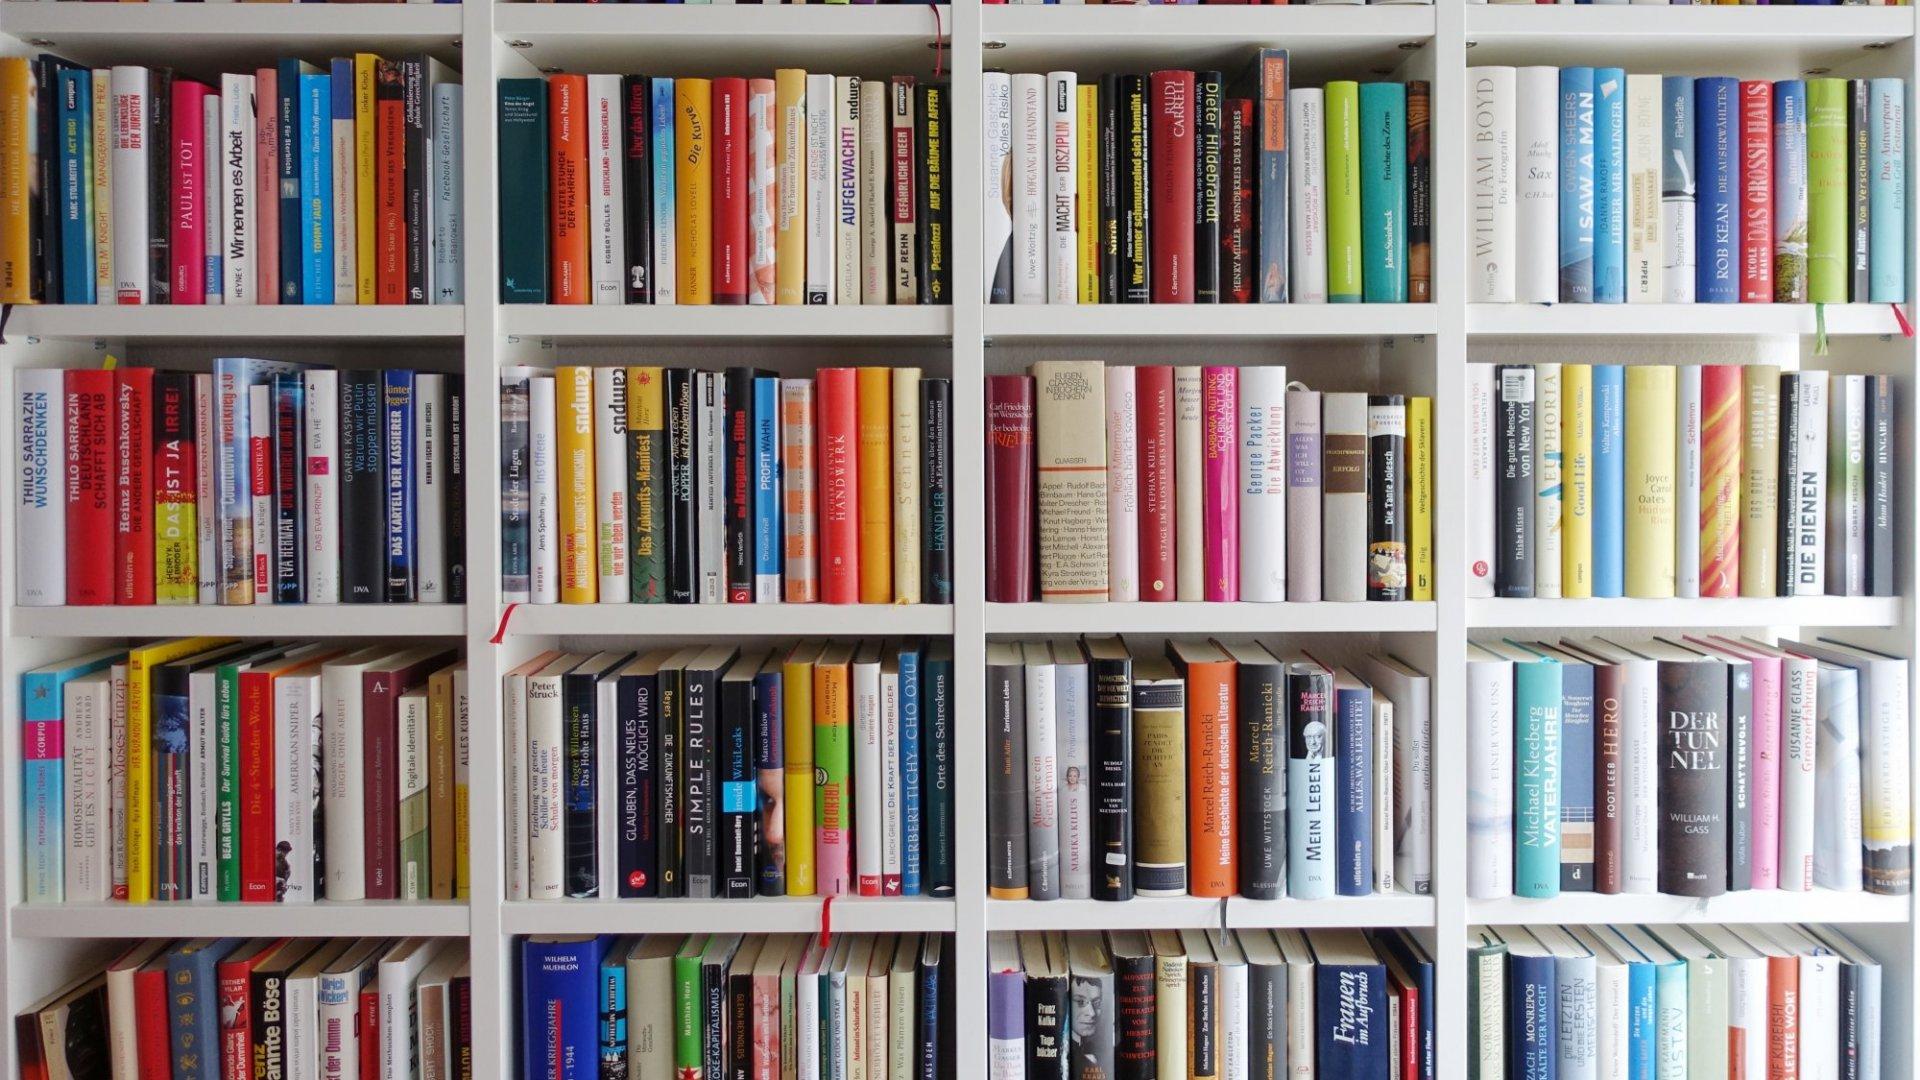 Zelf Gepubliceerde Boeken In Bibliotheken Krijgen